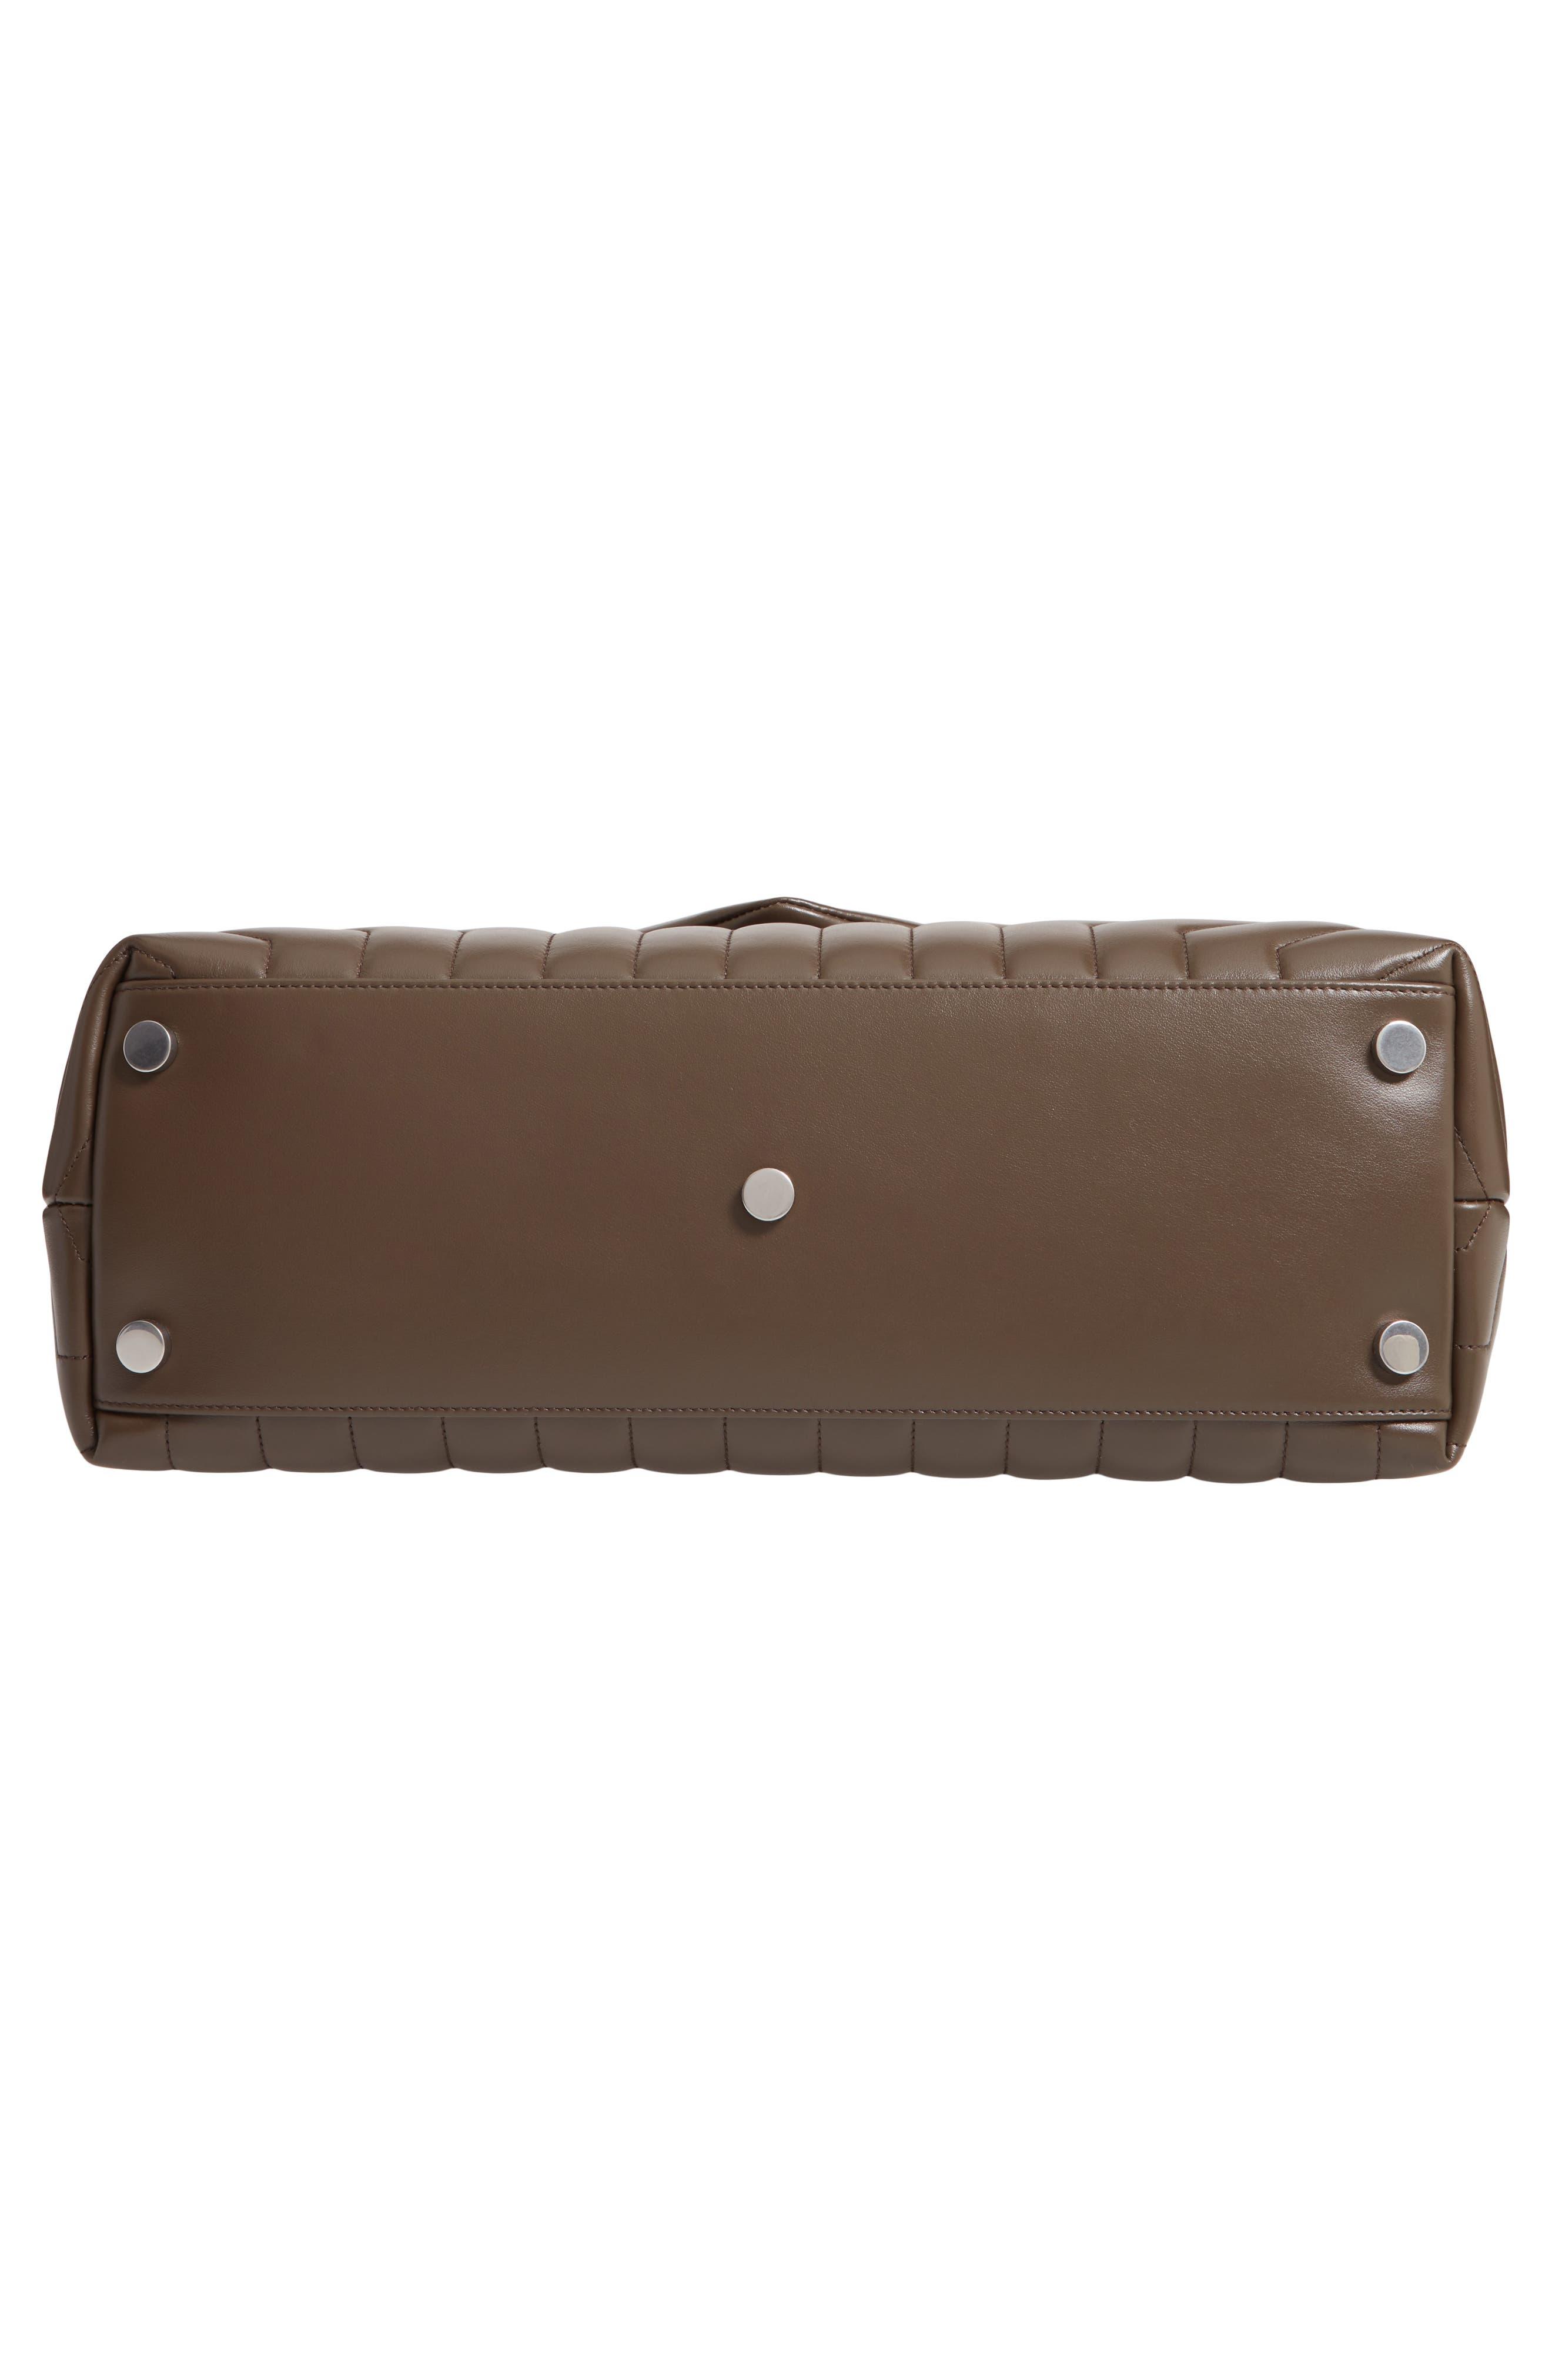 SAINT LAURENT, Large Loulou Matelassé Leather Shoulder Bag, Alternate thumbnail 6, color, FAGGIO/ FAGGIO